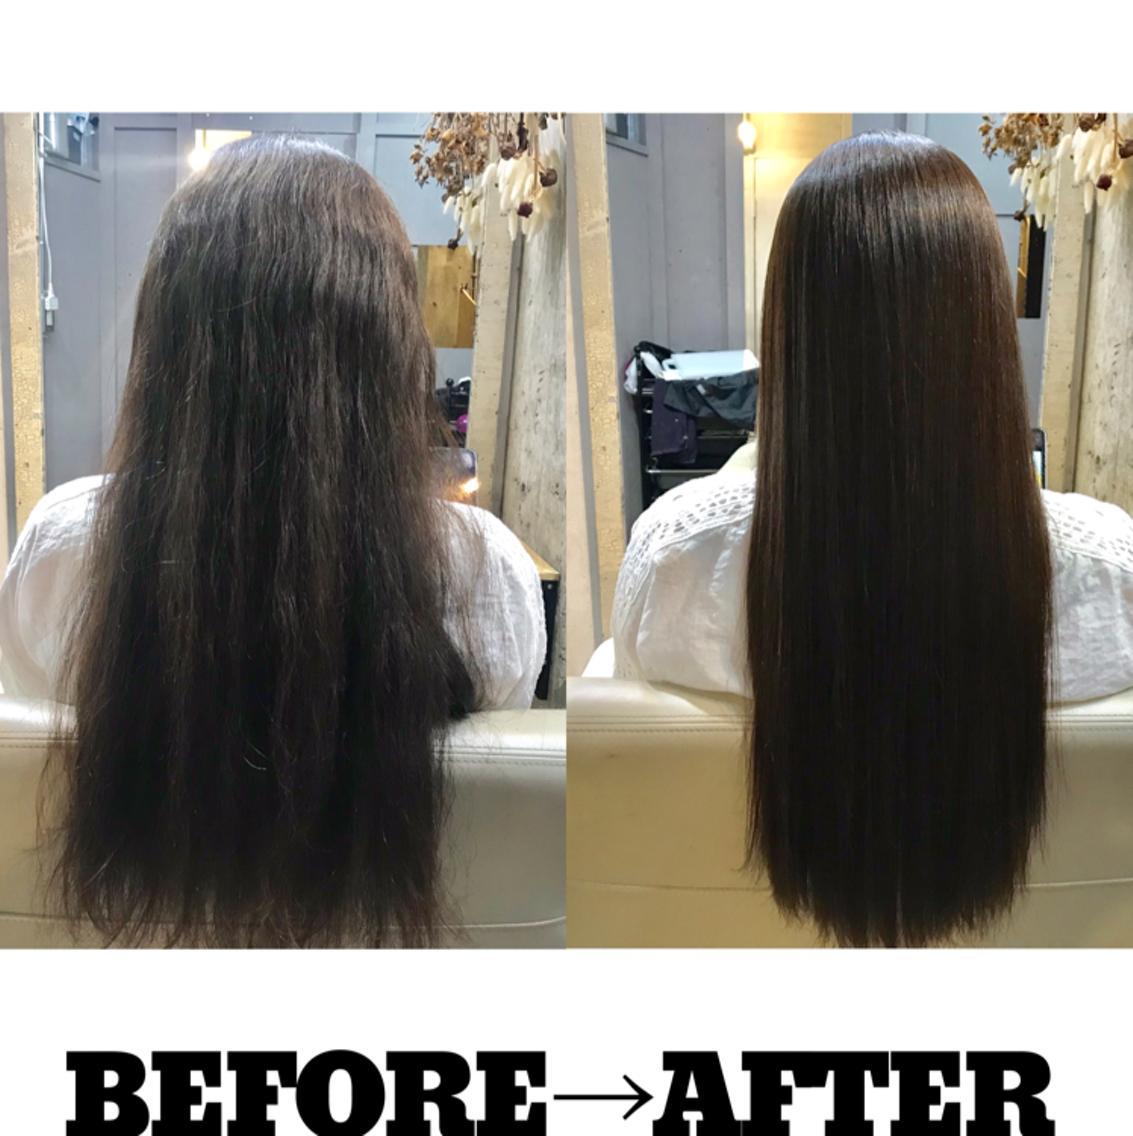 🍎当日予約OK!!🍎 普通の美容室とは違う、本当のトリートメントやらせていただきます!🍎【クセでお悩み方必見】必ず美髪にします!🍎24時間受付 高円寺駅徒歩3分! 🍎